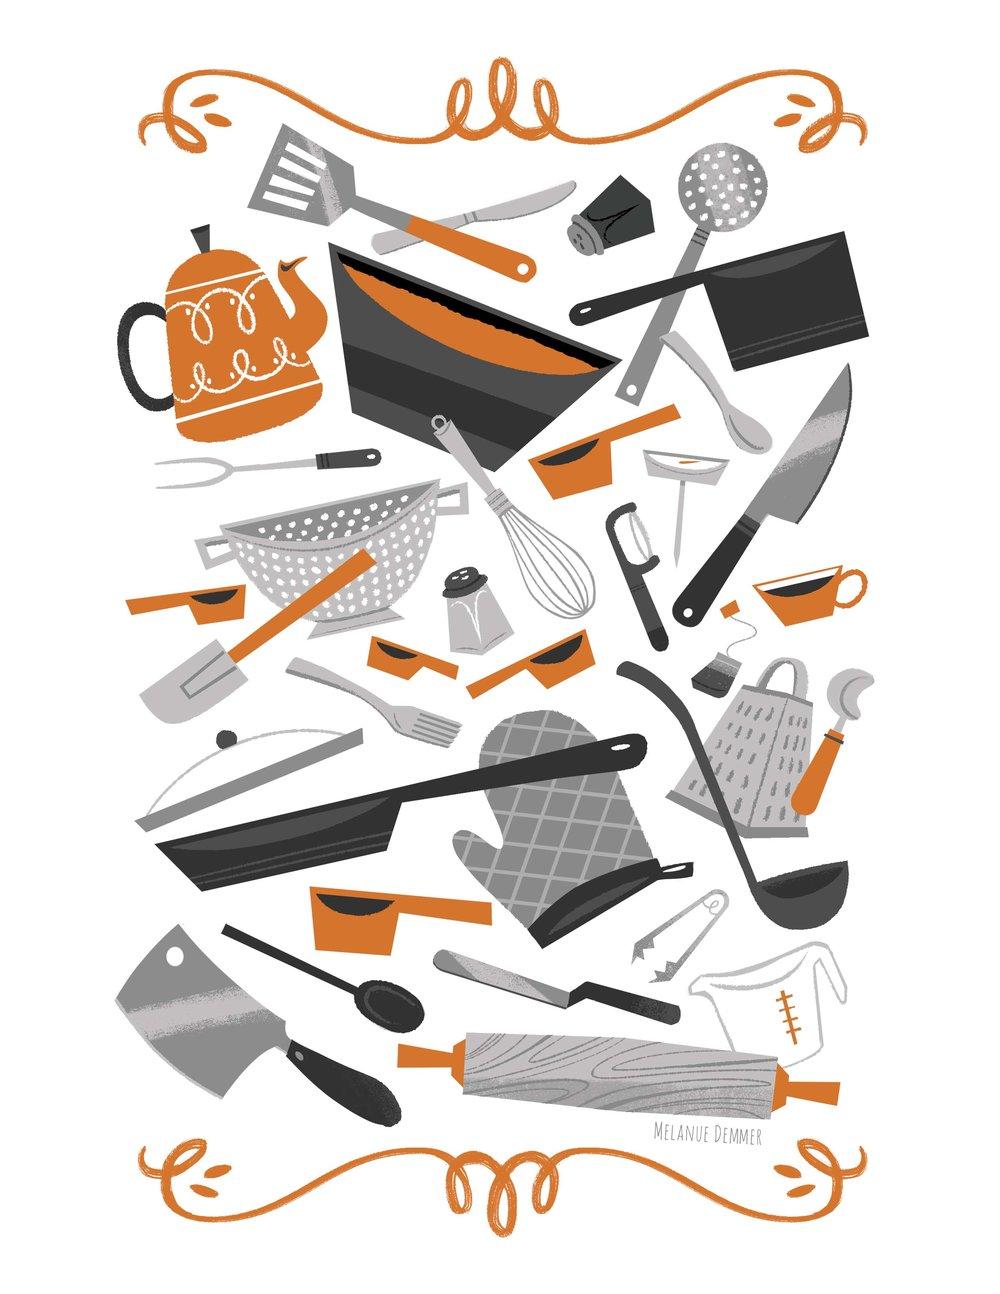 kitchenprint_mdemmer.jpg